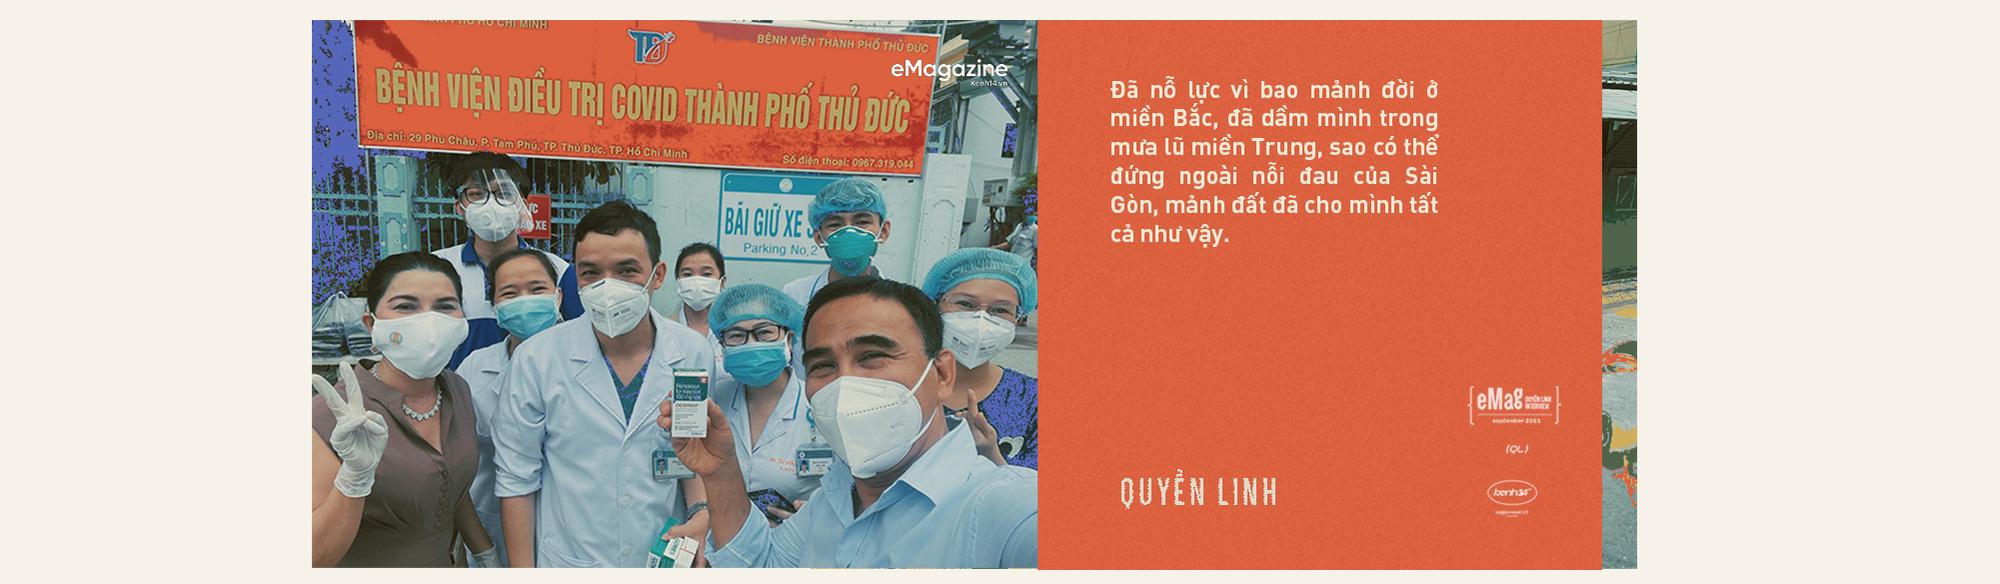 Quyền Linh: Đã nỗ lực vì bao mảnh đời ở miền Bắc, dầm mình trong mưa lũ miền Trung, sao có thể đứng ngoài nỗi đau của Sài Gòn - mảnh đất cho mình tất cả - Ảnh 12.